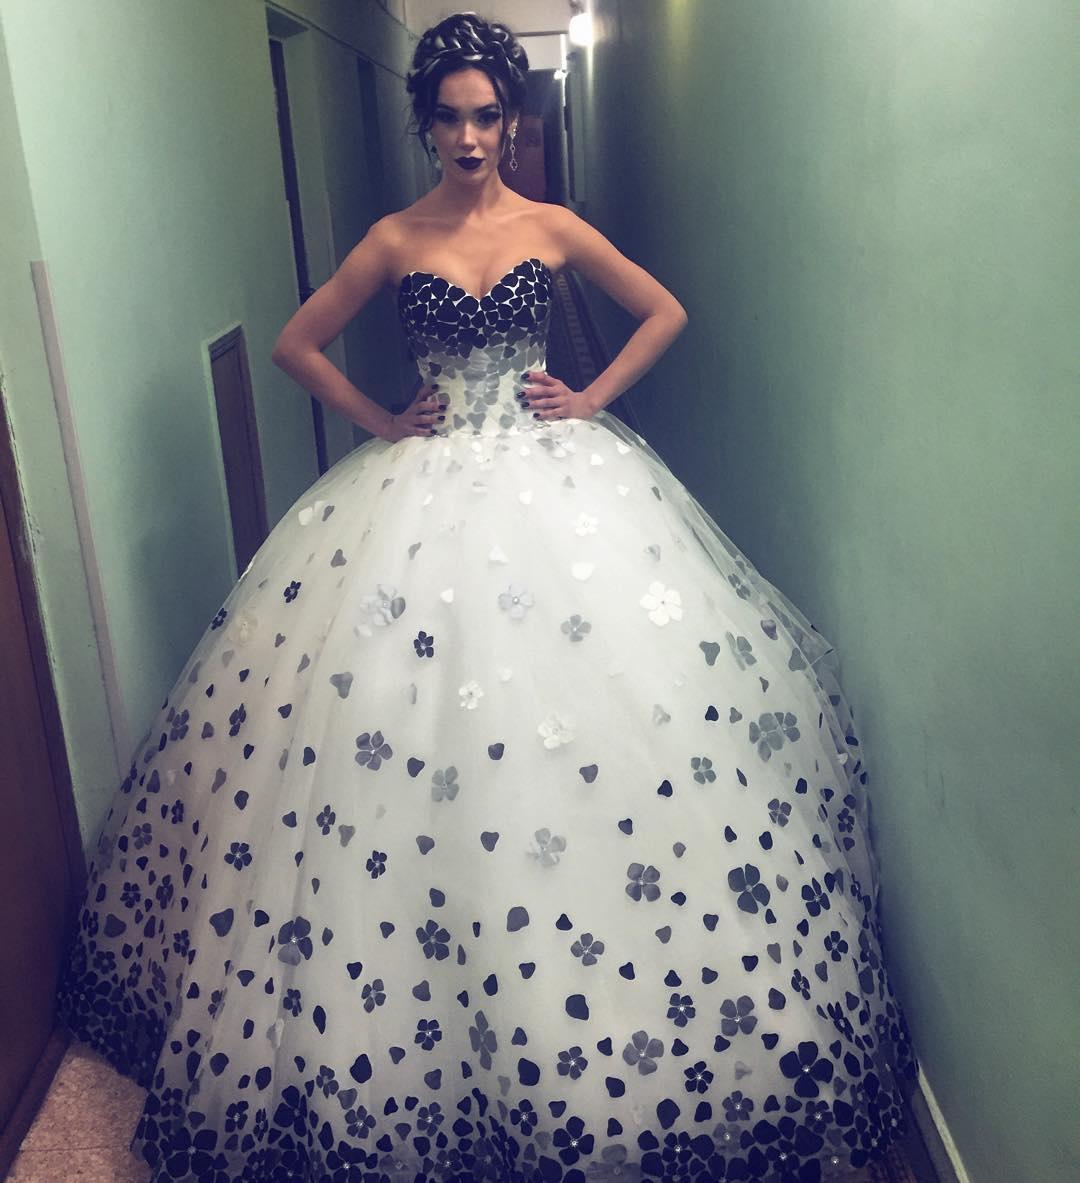 Марія Яремчук вразила 20-кілограмовою сукнею зі сміливим декольте на концерті Пономарьова (фото)